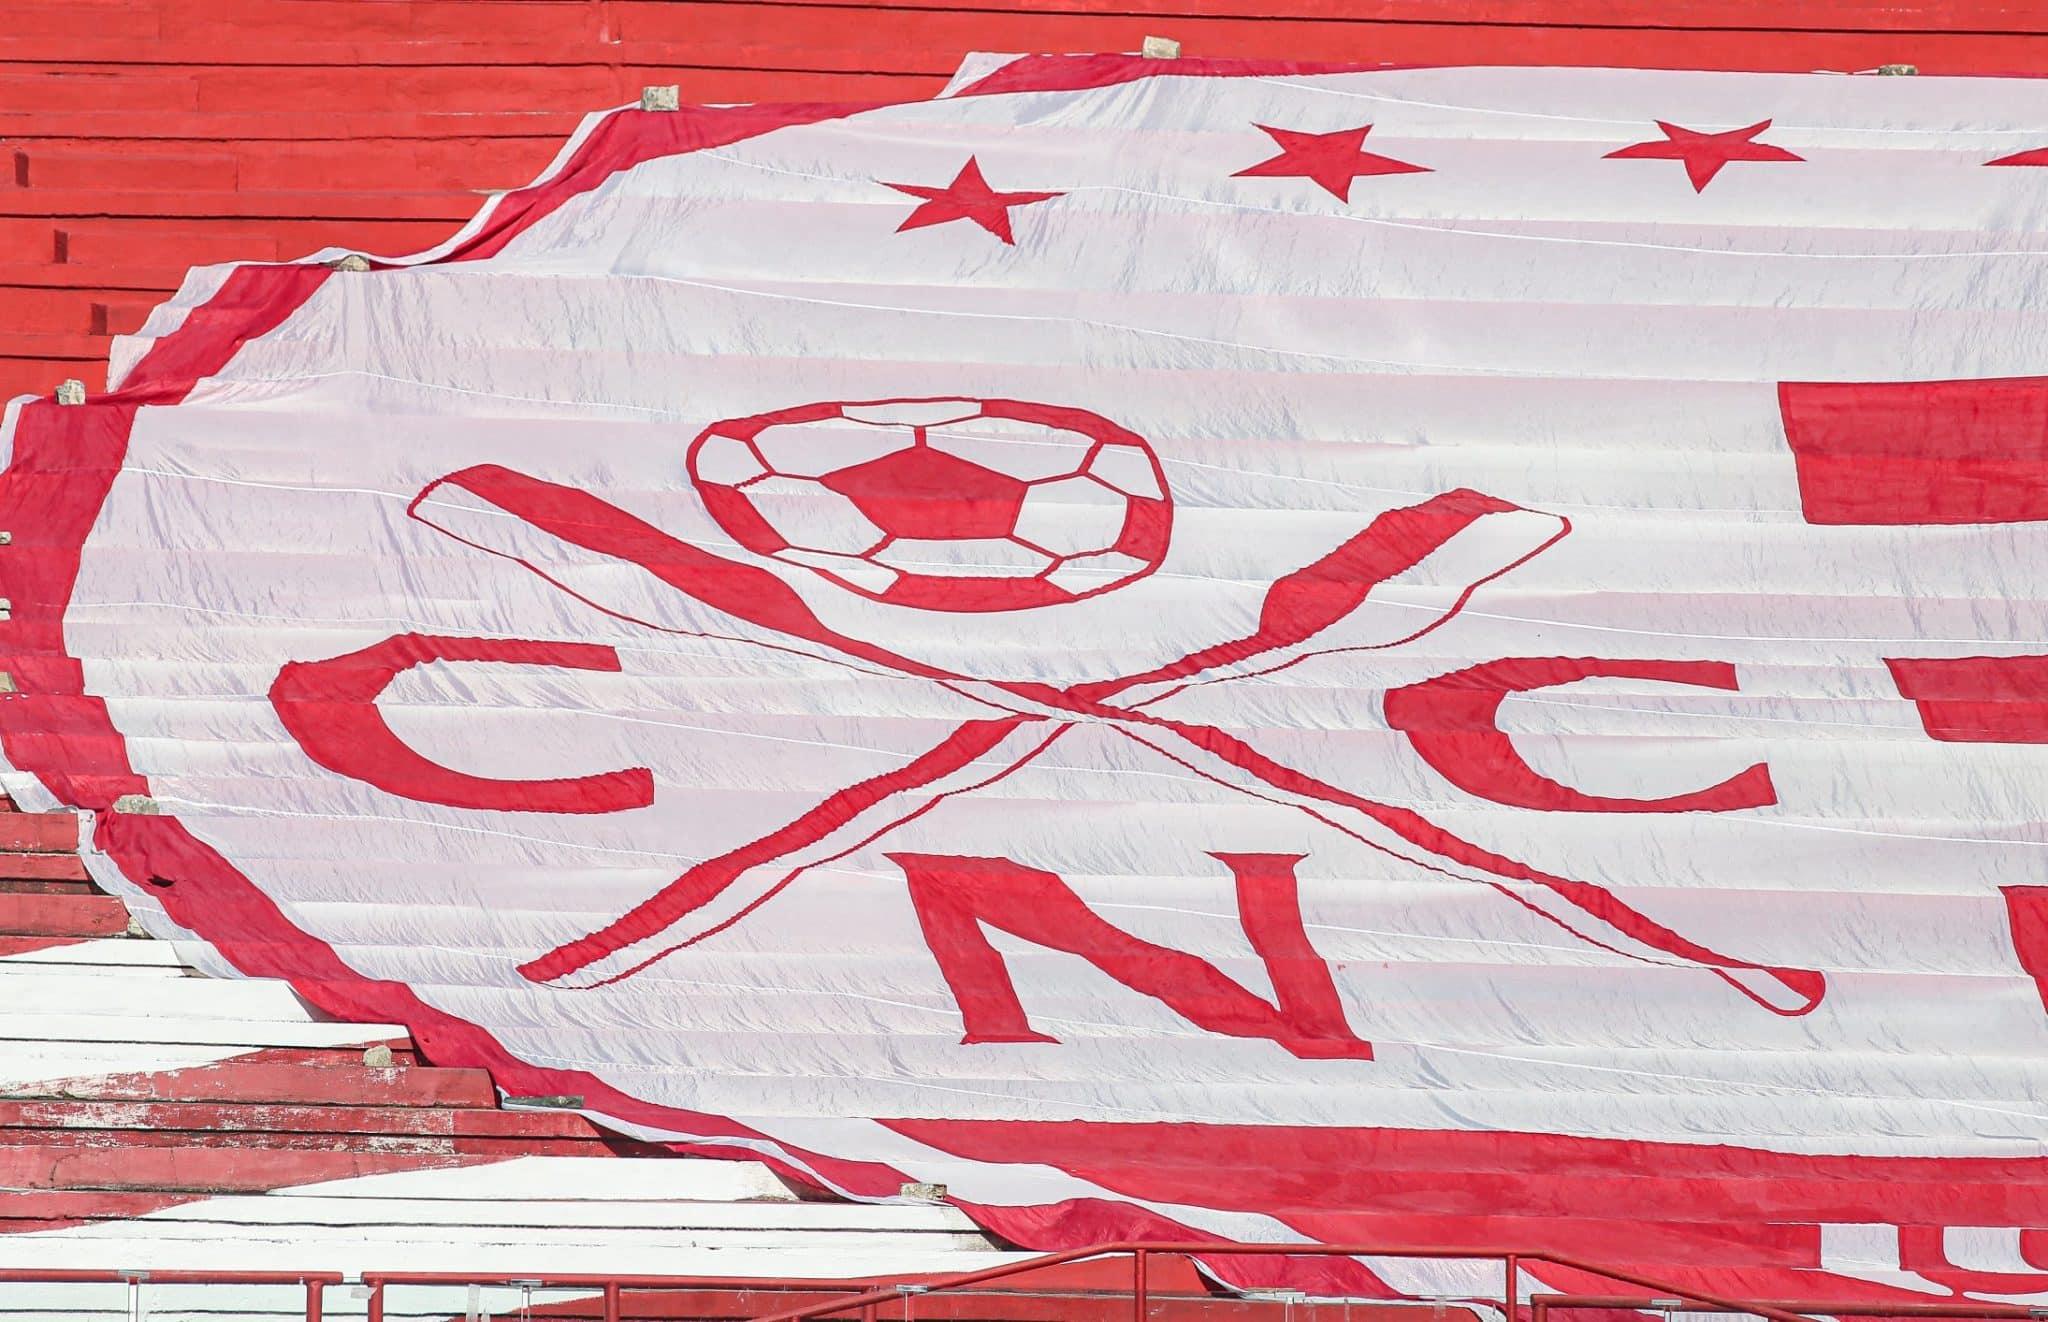 Com objetivos divergentes, Náutico e Goiás se enfrentam na noite desta terça-feira (05), às 21h30, no Estádio dos Aflitos, em Recife (PE)